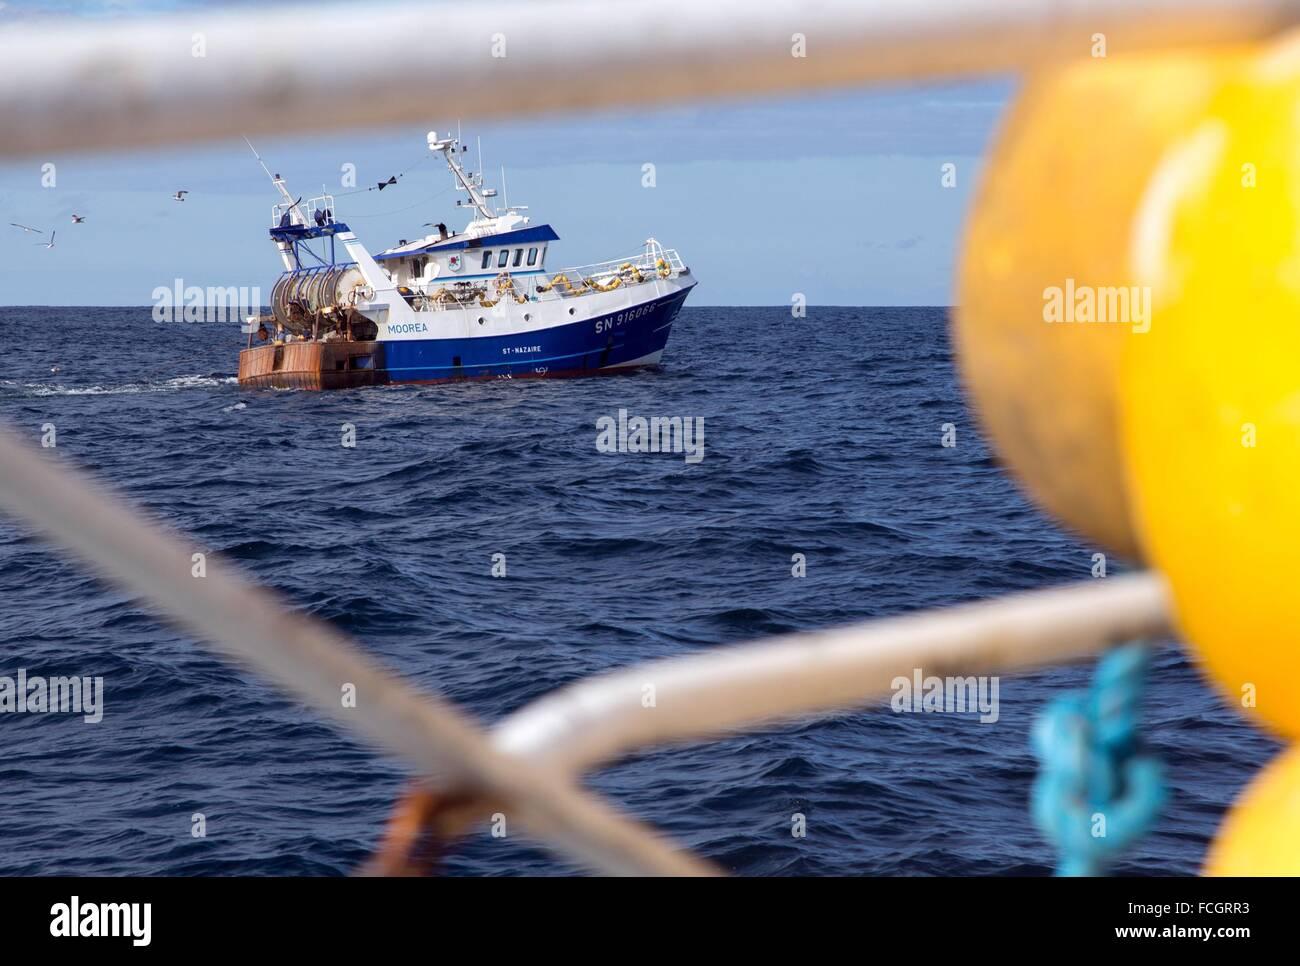 """El barco MOOREA DESDE SAINT NAZAIRE, pescar en el mar en el arrastrero de Camarón """"Quentin-GREGOIRE' frente a la costa de Sables d'Olonne (85) Foto de stock"""